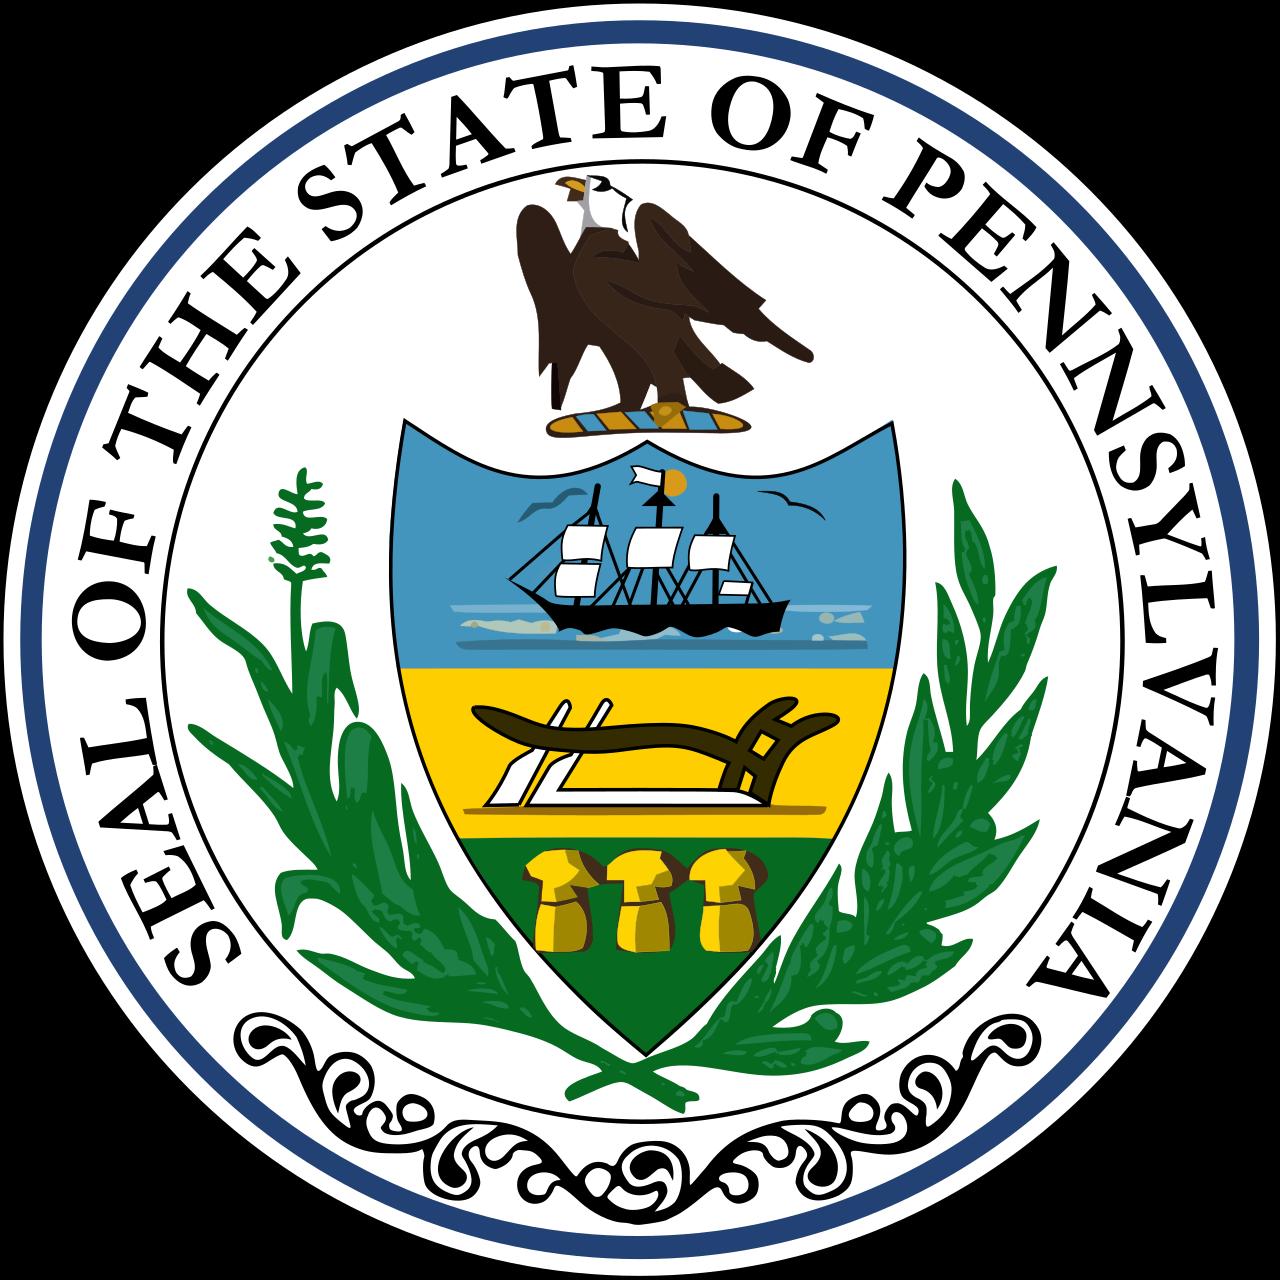 Commonwealth of Pennsylvania's logo